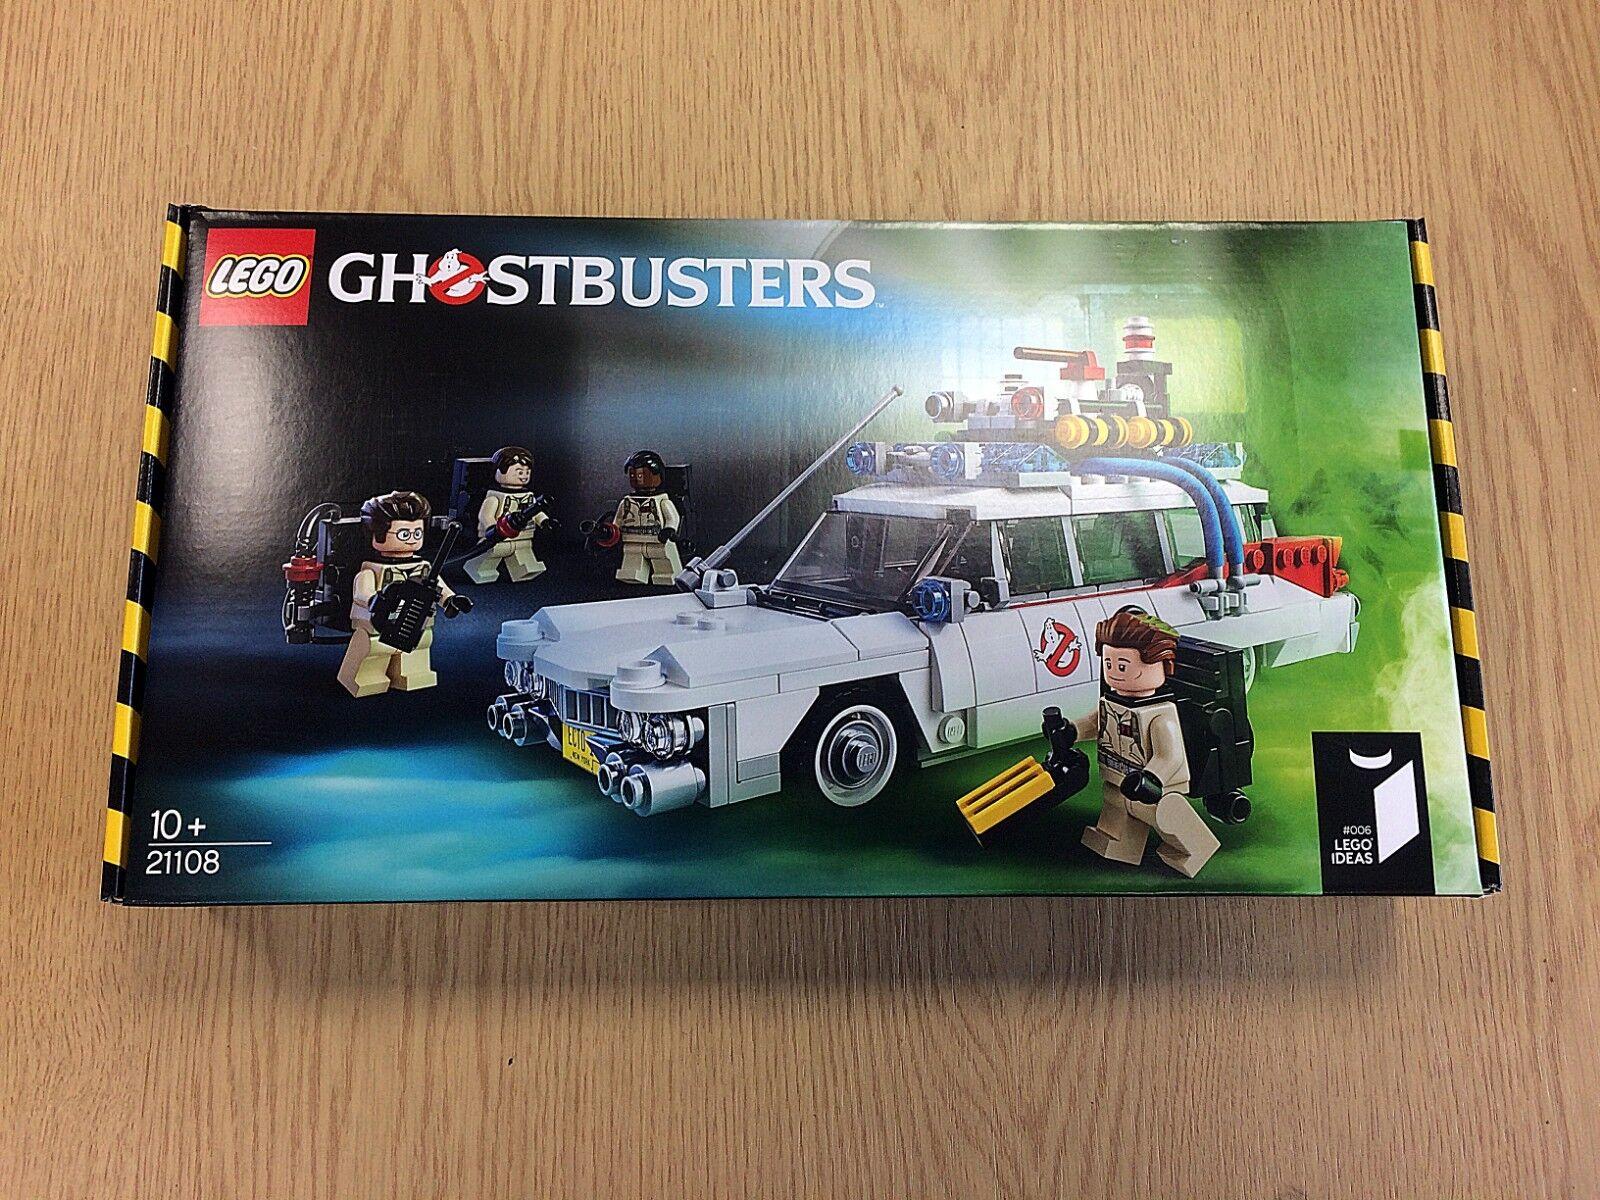 LEGO Ideas 21108 ghosbusters ECTO - 1  2014  | Nuovo, sigillato in fabbrica, non aperto